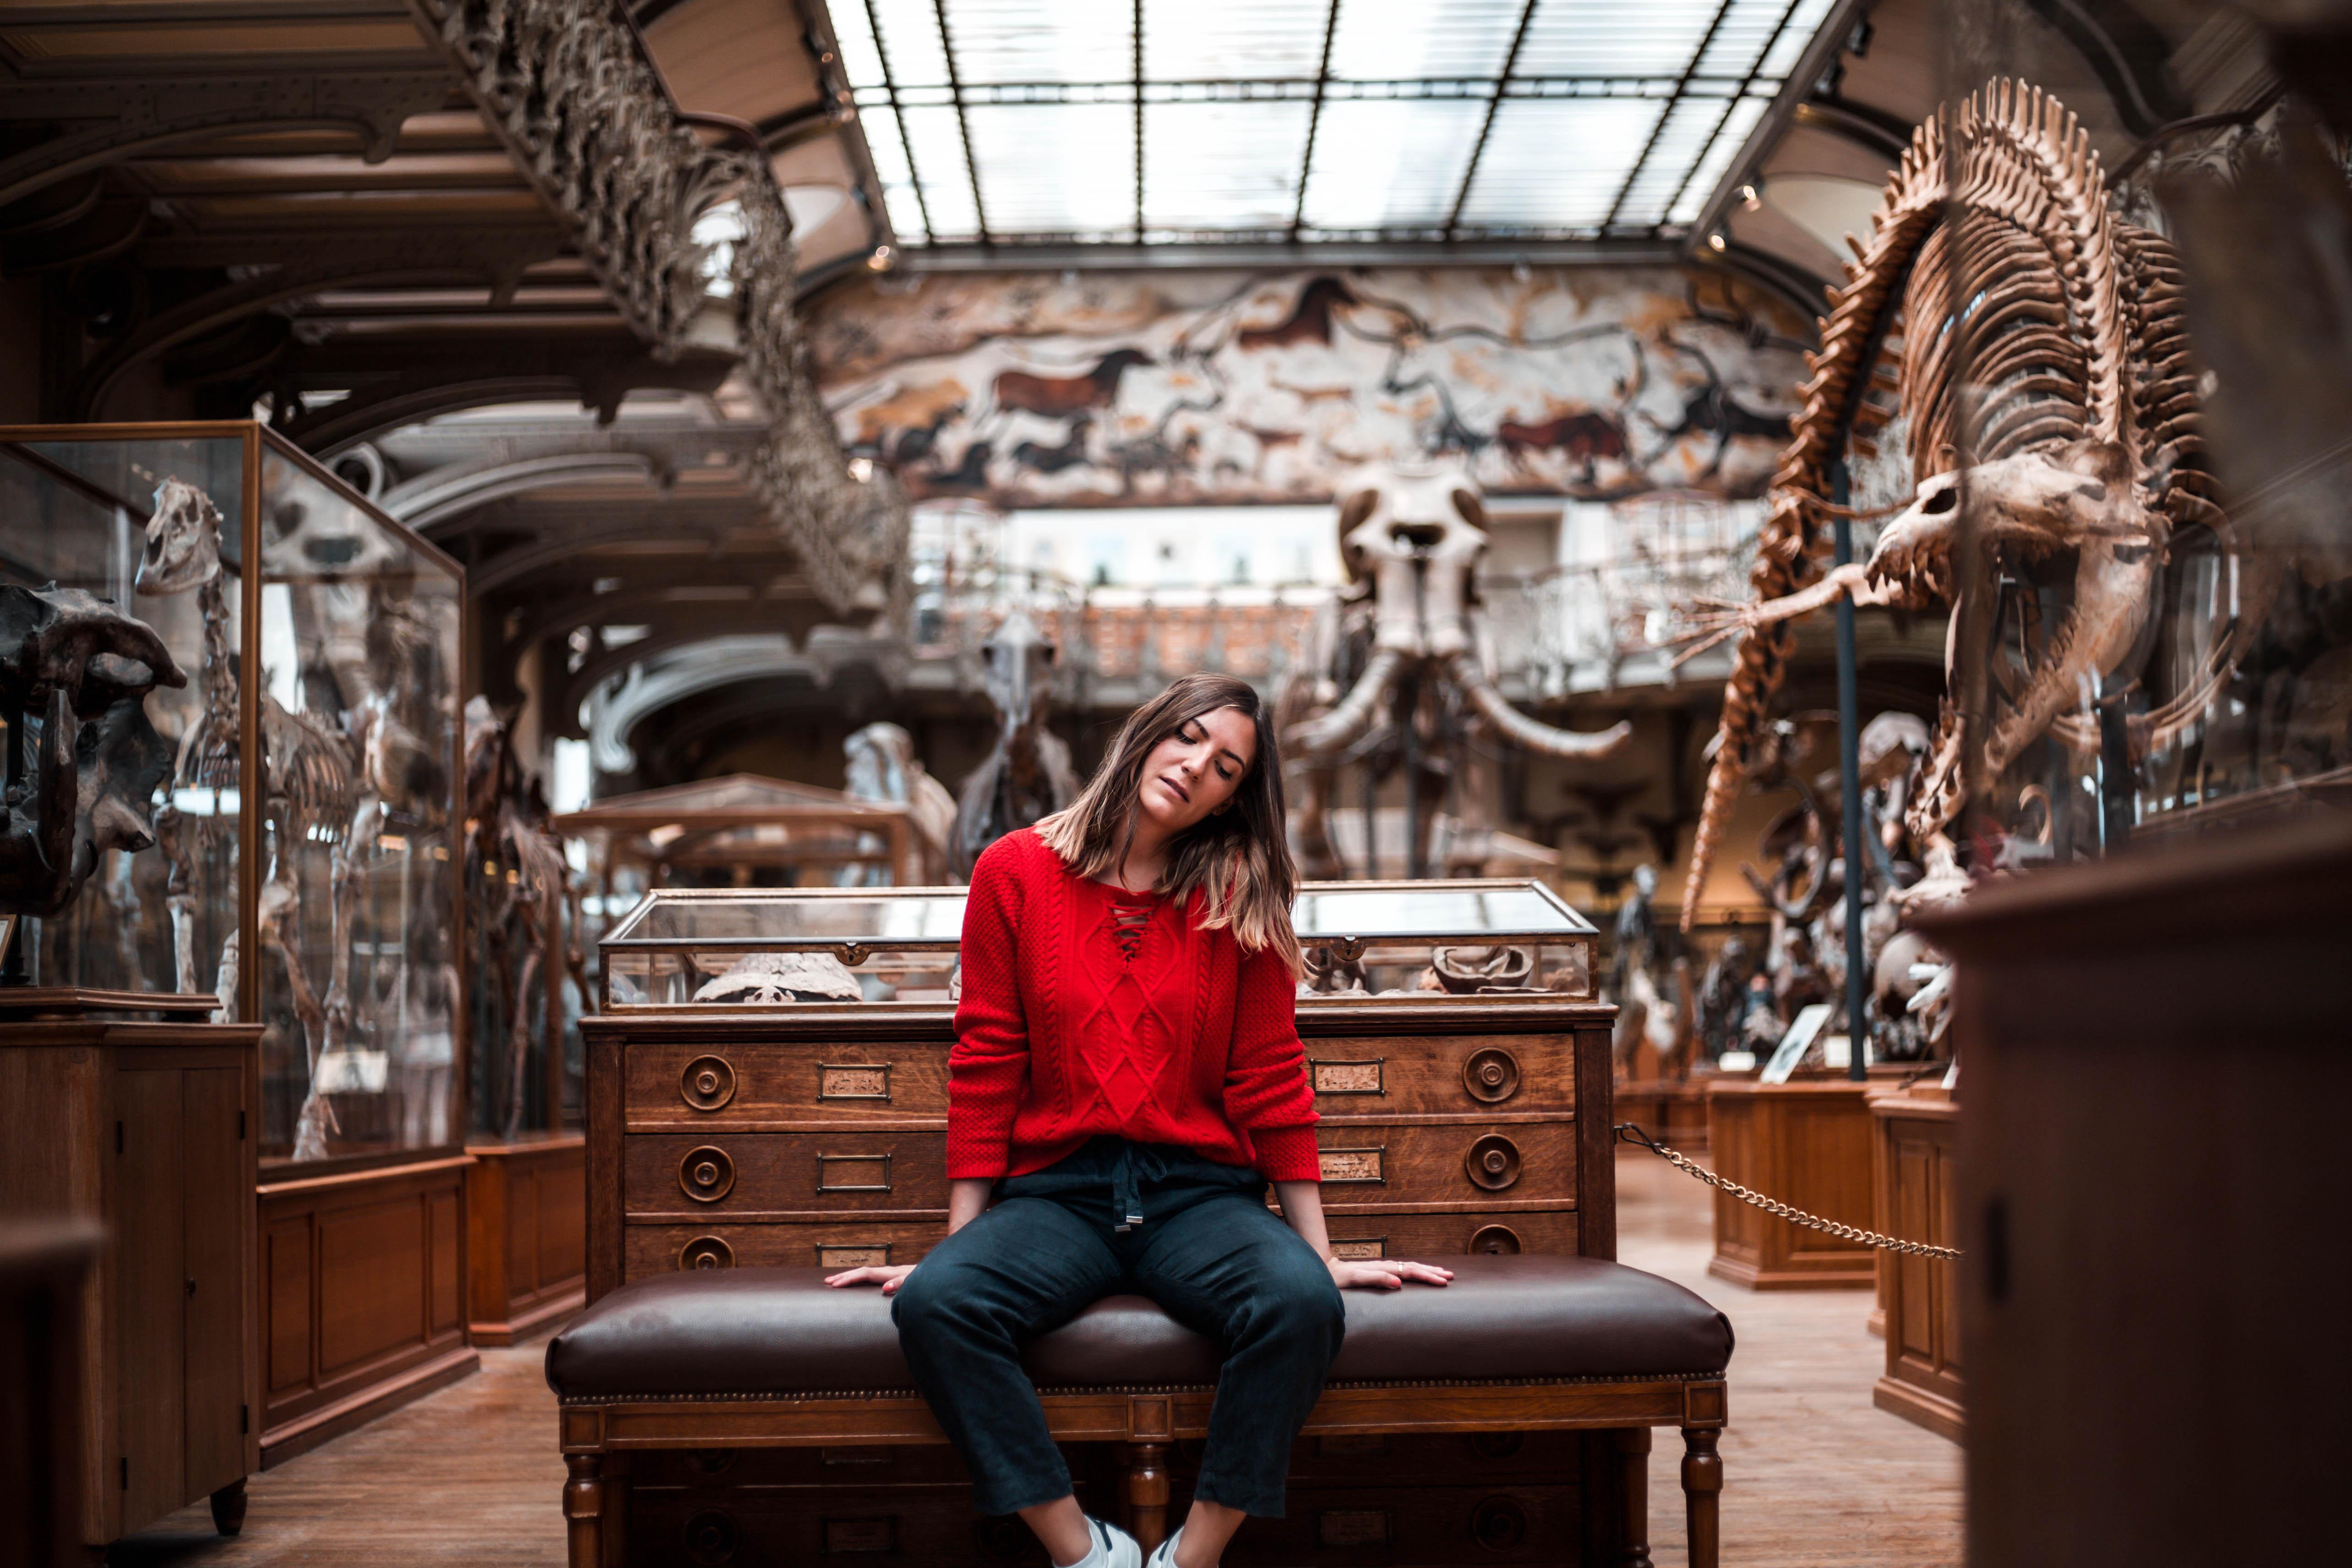 grande galerie de l evolution a paris